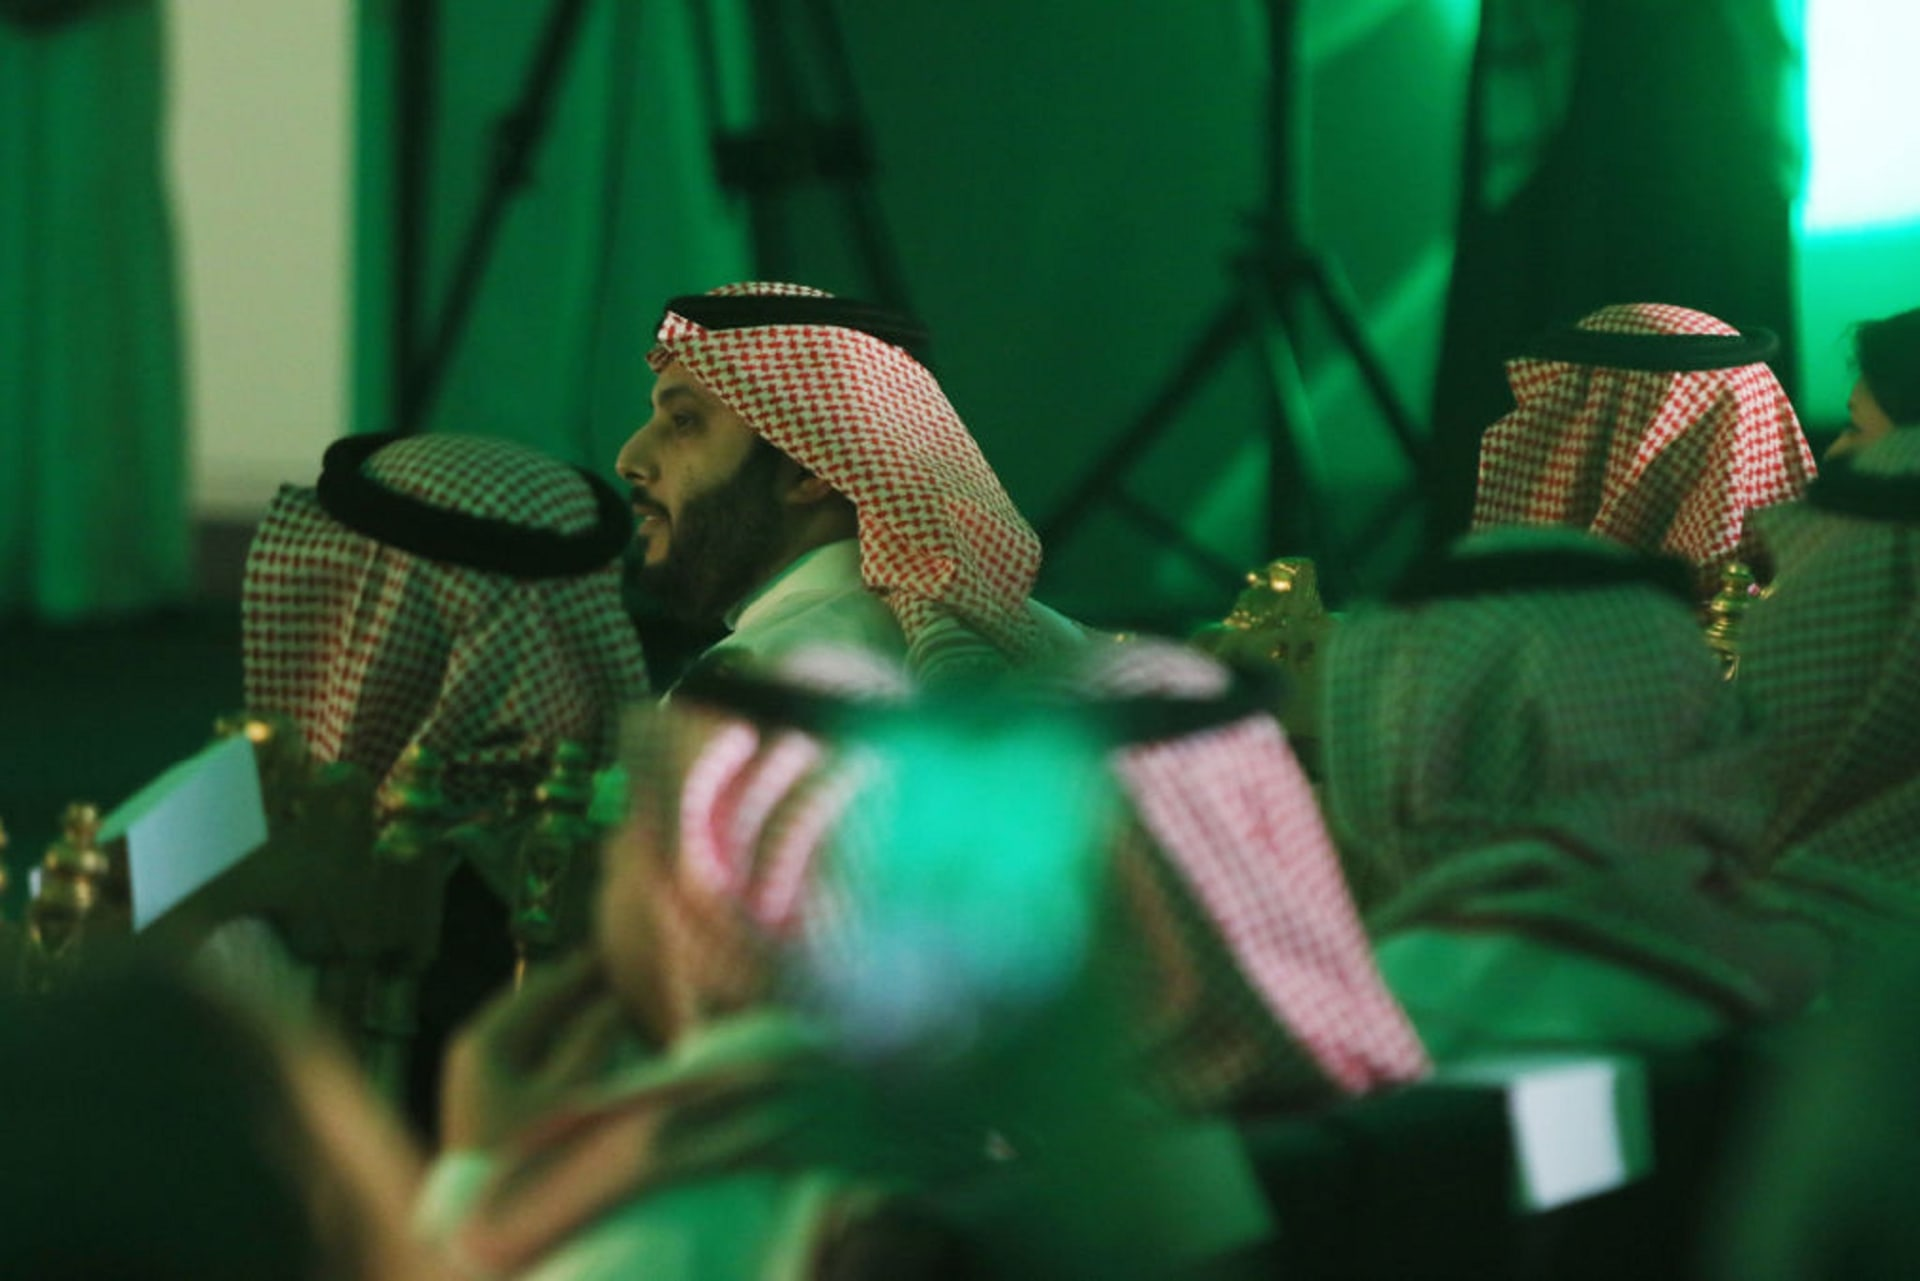 بأمر الملك سلمان.. إعفاء تركي آل الشيخ من منصبه وتكليفه بآخر جديد